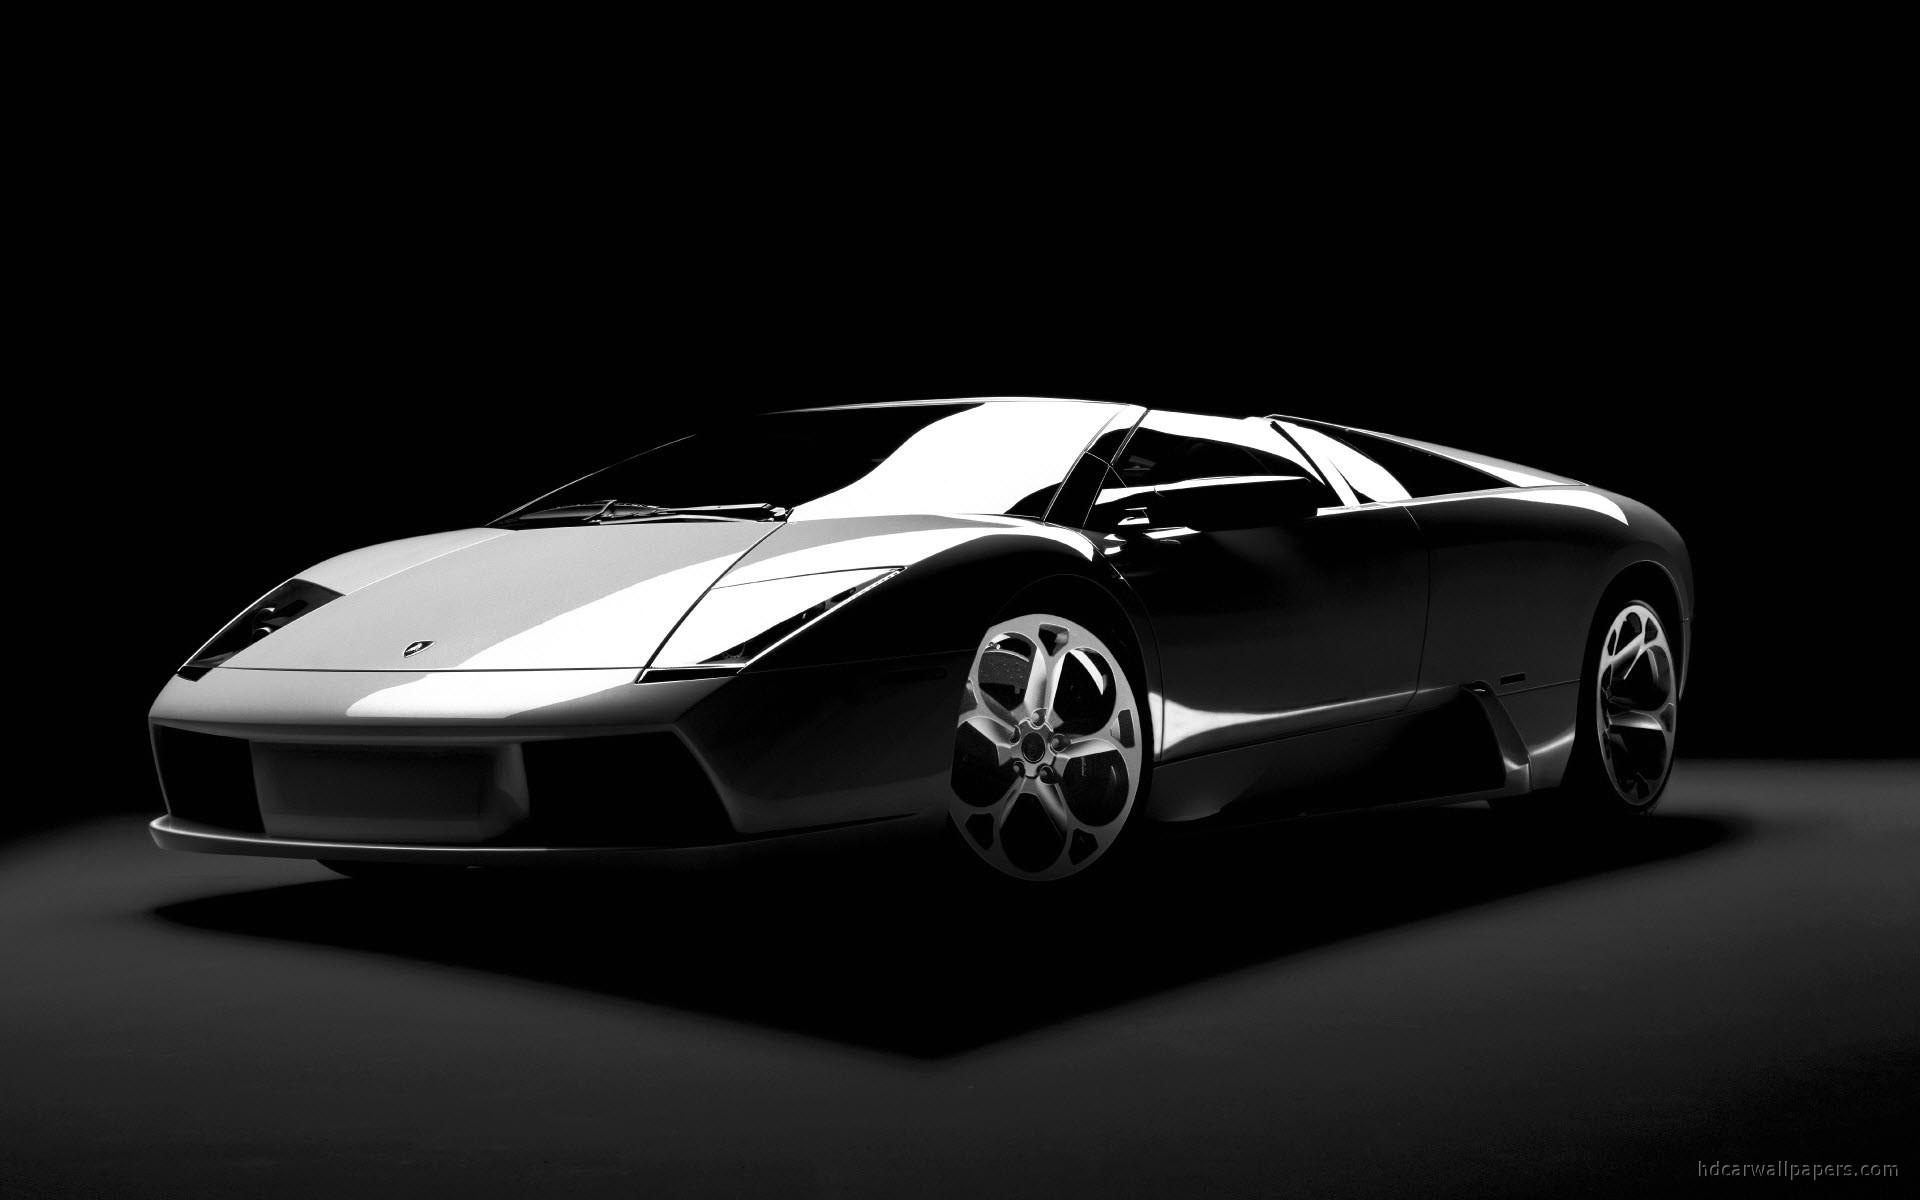 Lamborghini all new wallpaper hd car wallpapers New all hd video